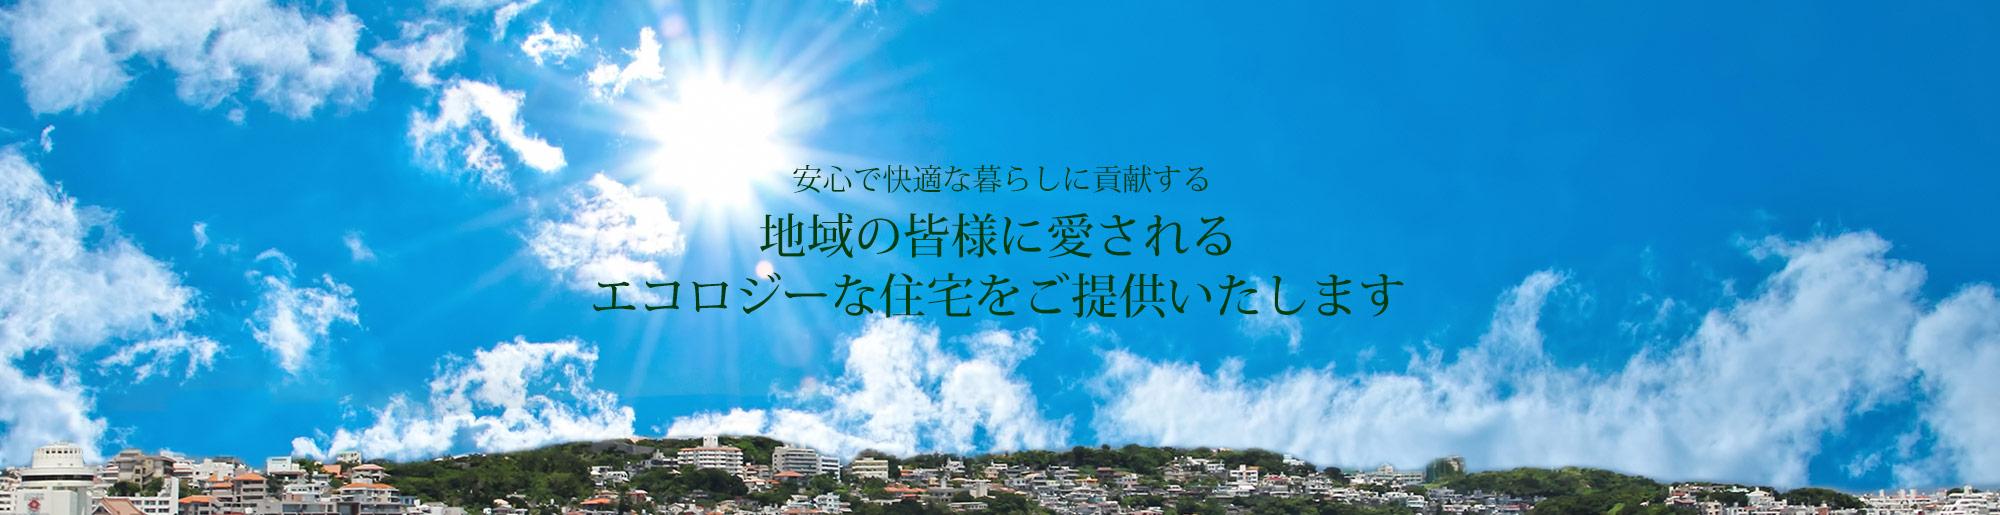 地域の皆様に愛されるエコロジーな住宅をご提供いたします